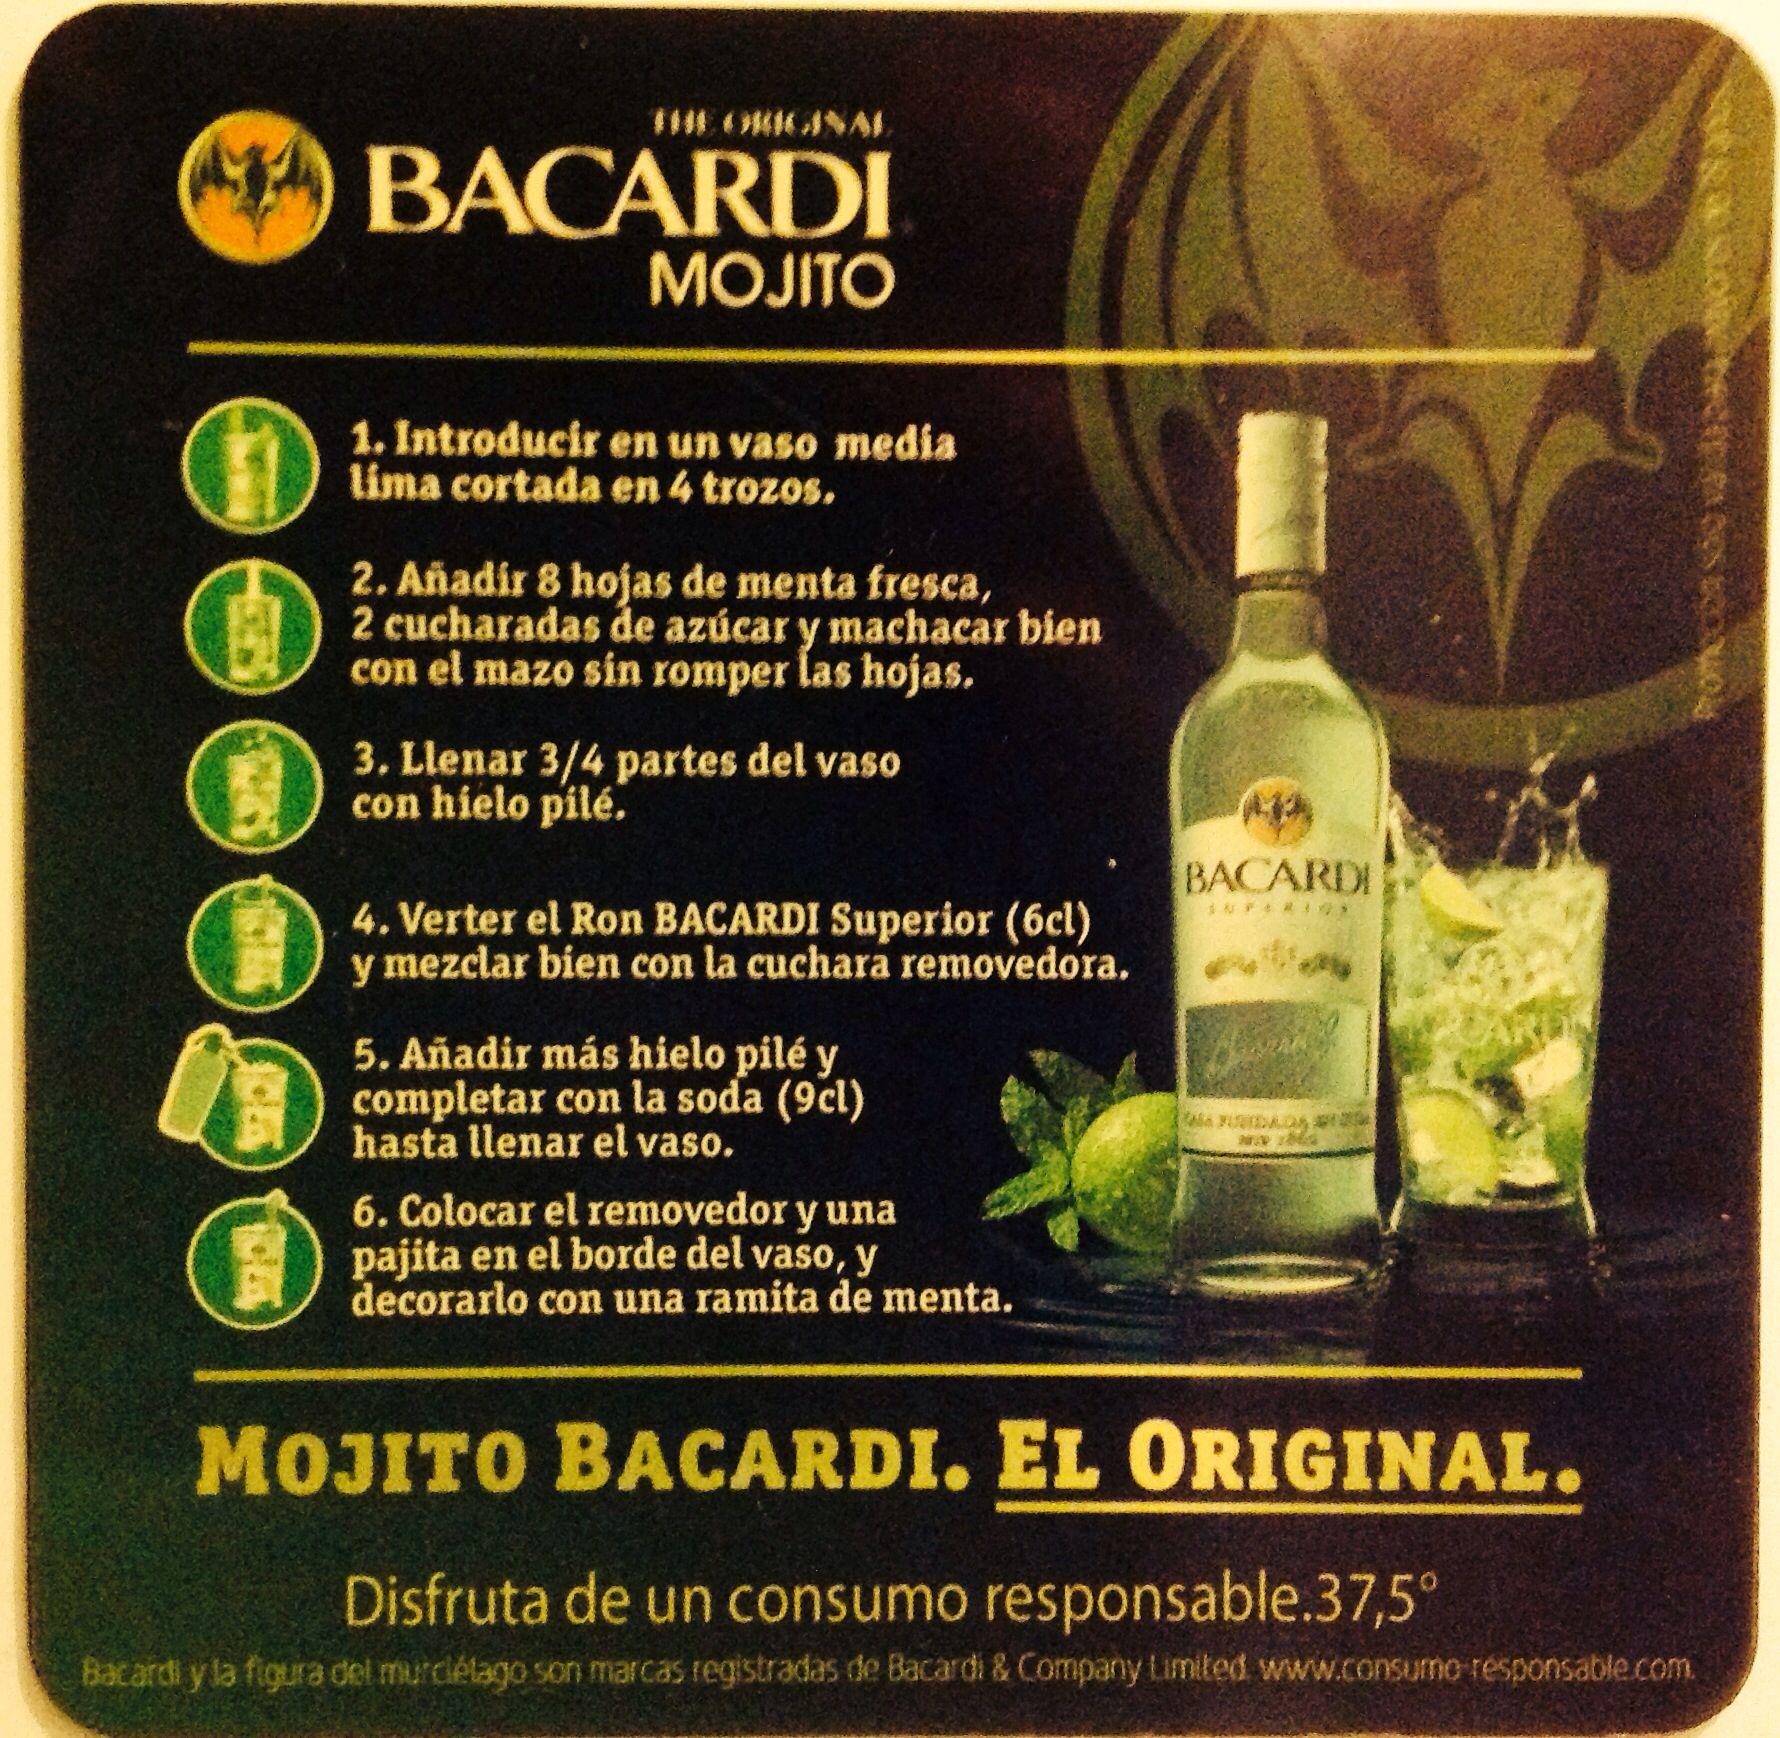 Como Se Prepara El Mojito Bacardi